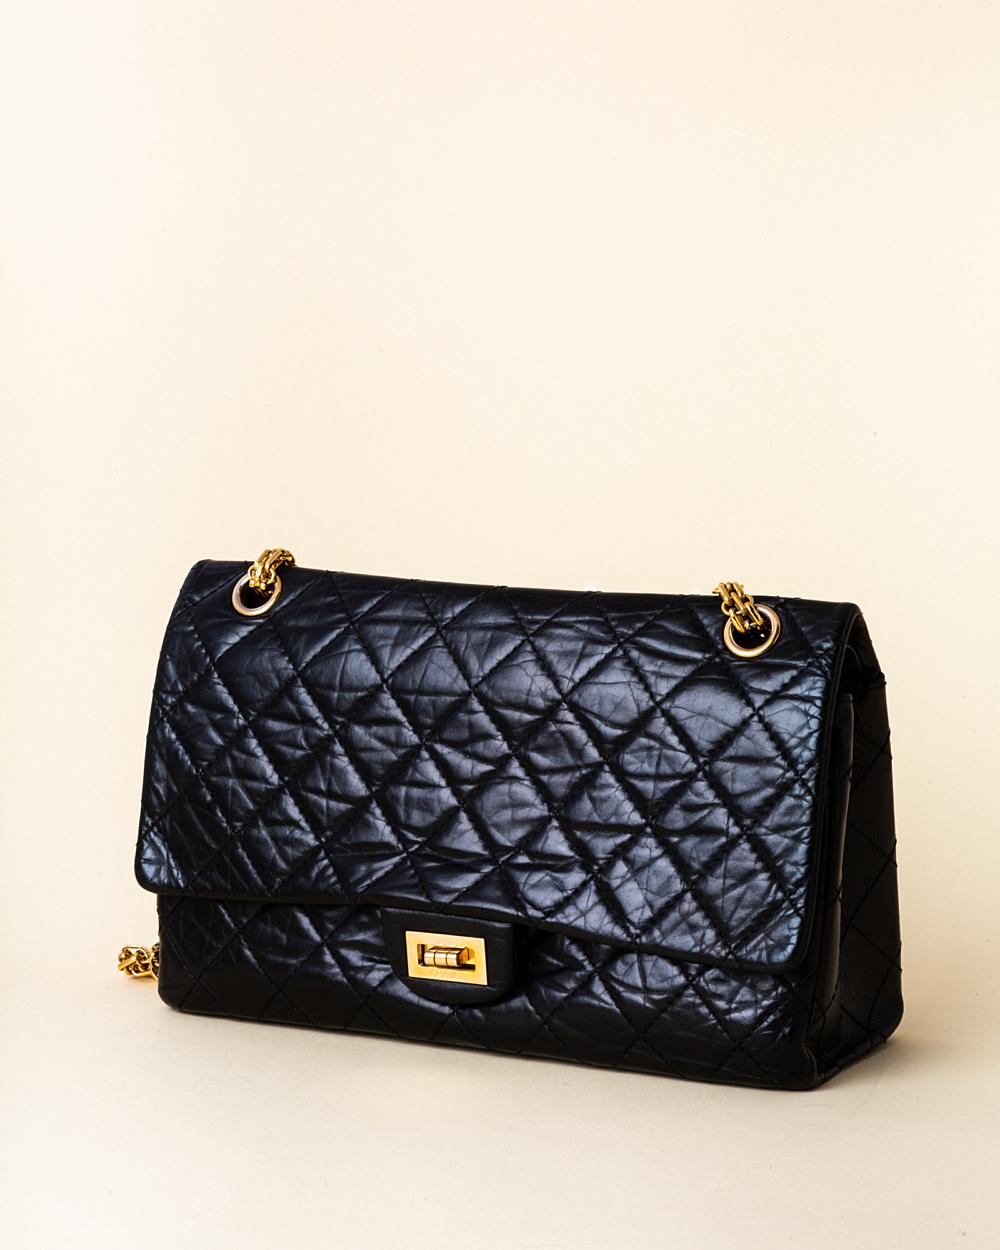 b9766b96de84 Chanel 2.55 Reissue 226 Double Flap Bag | Vivrelle